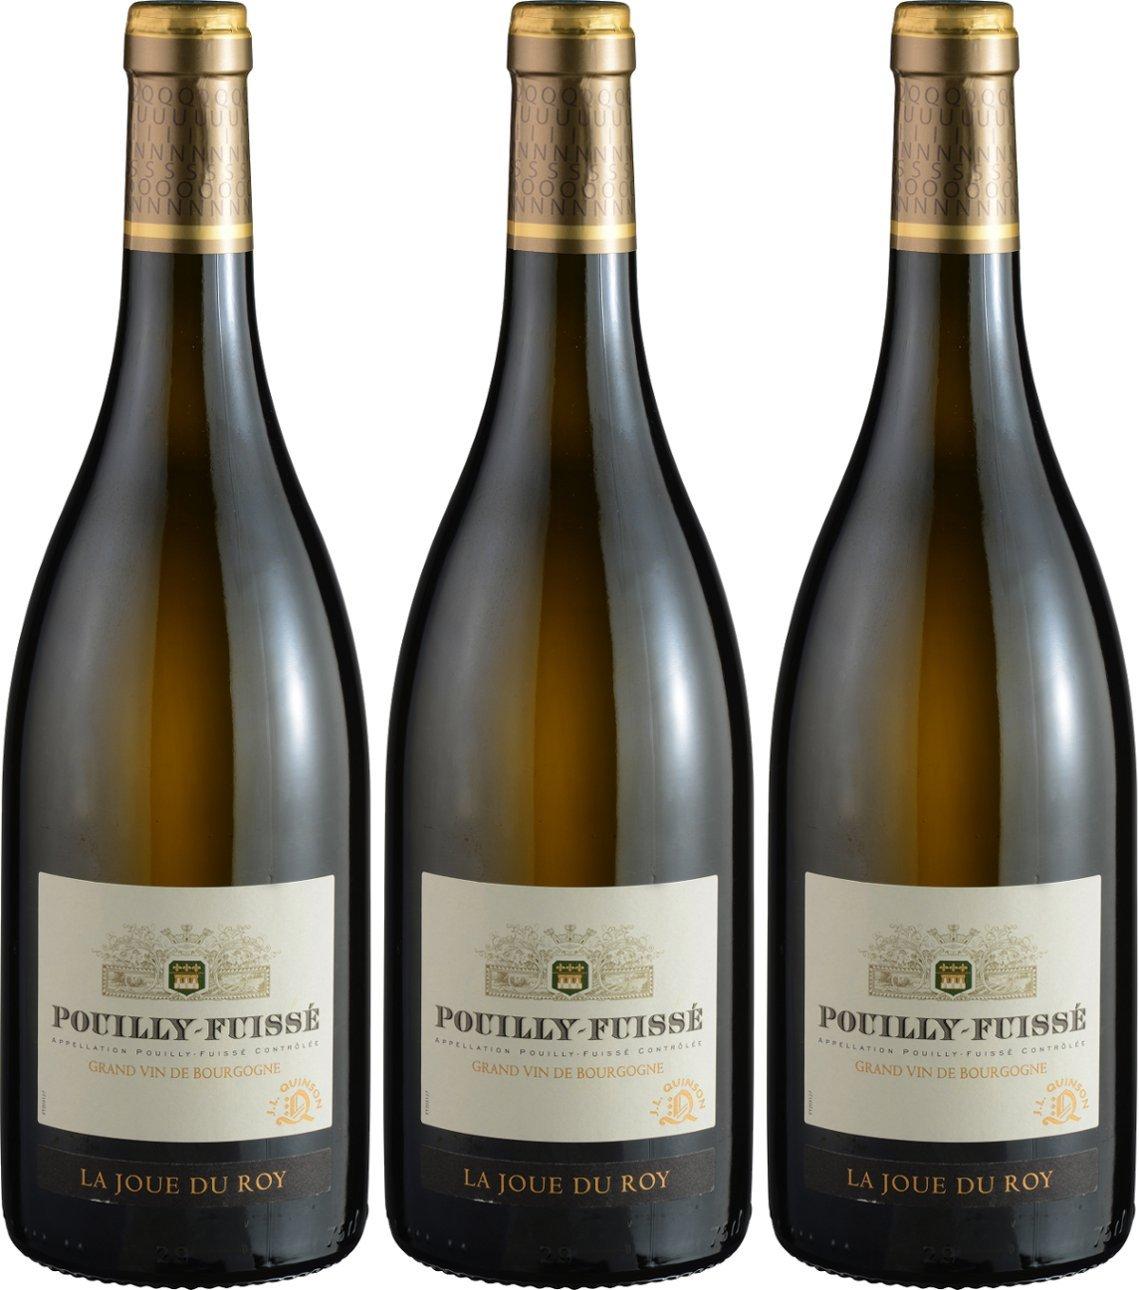 Quinson-La-Joue-du-Roy-Pouilly-Fuisse-Chardonnay-2016-3-x-075-l